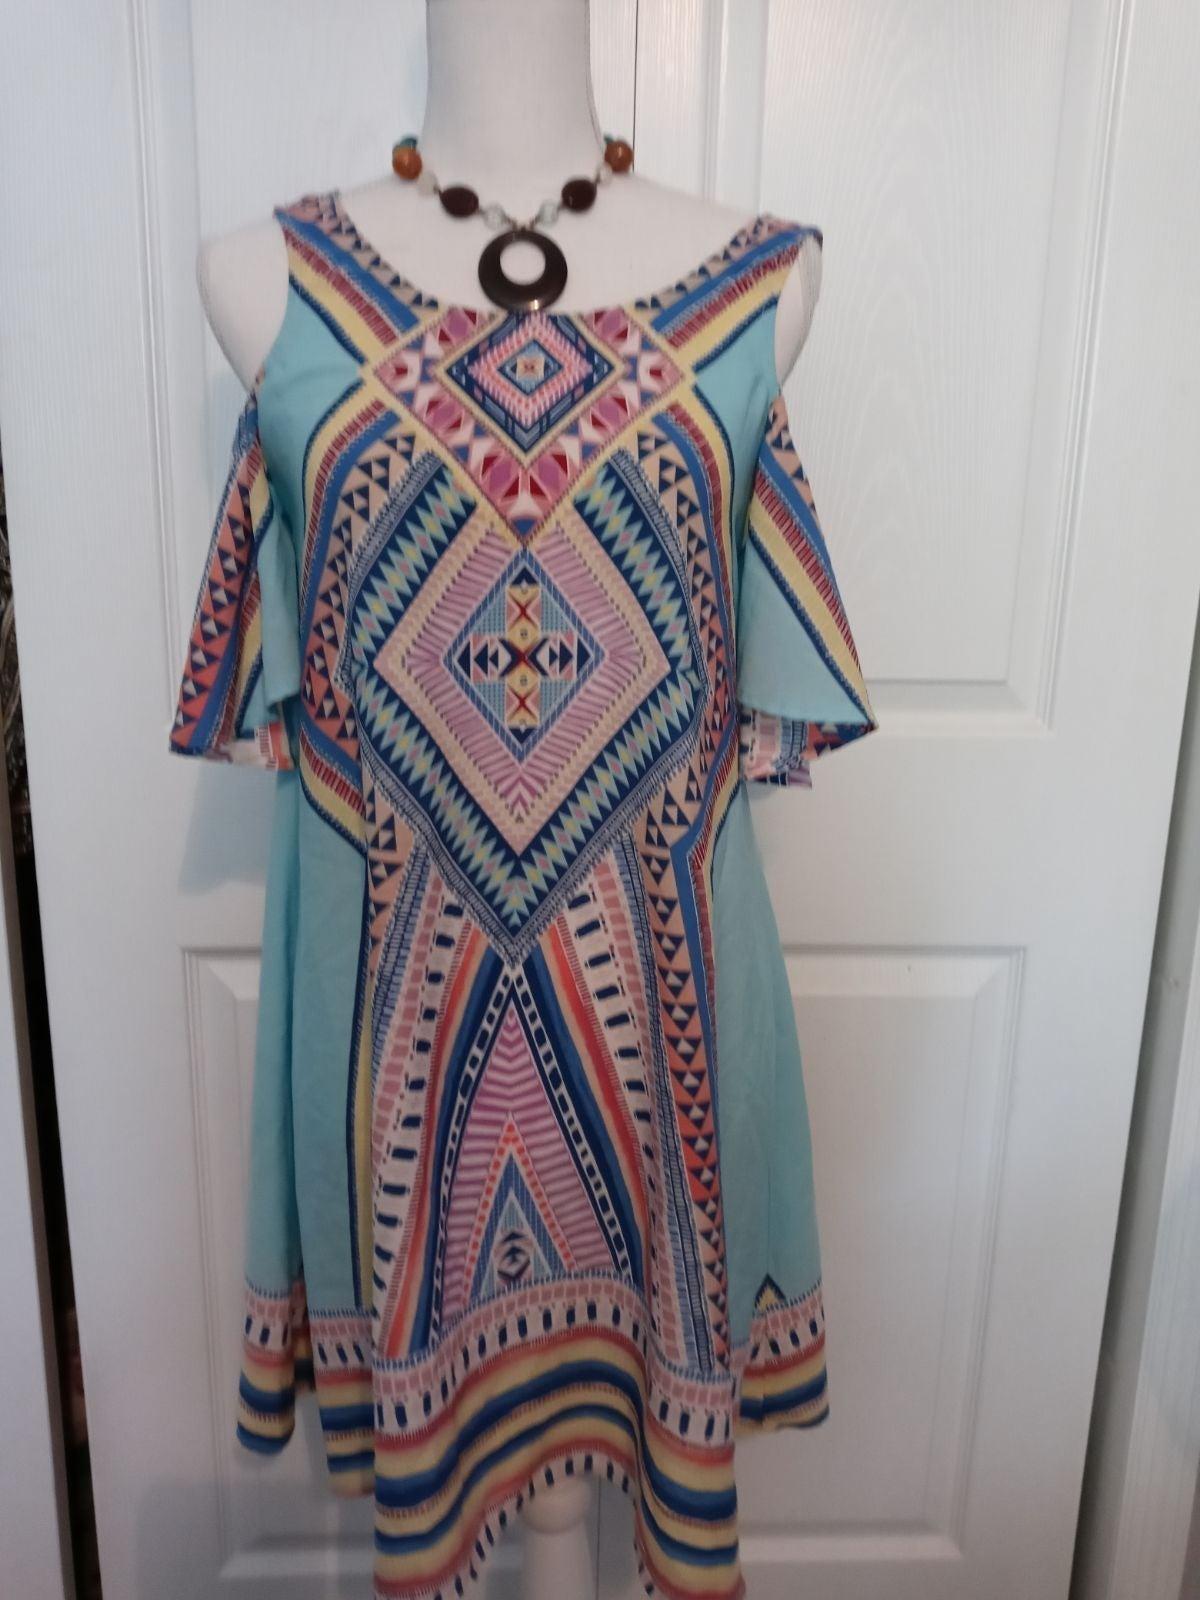 Women's small dress / shirt